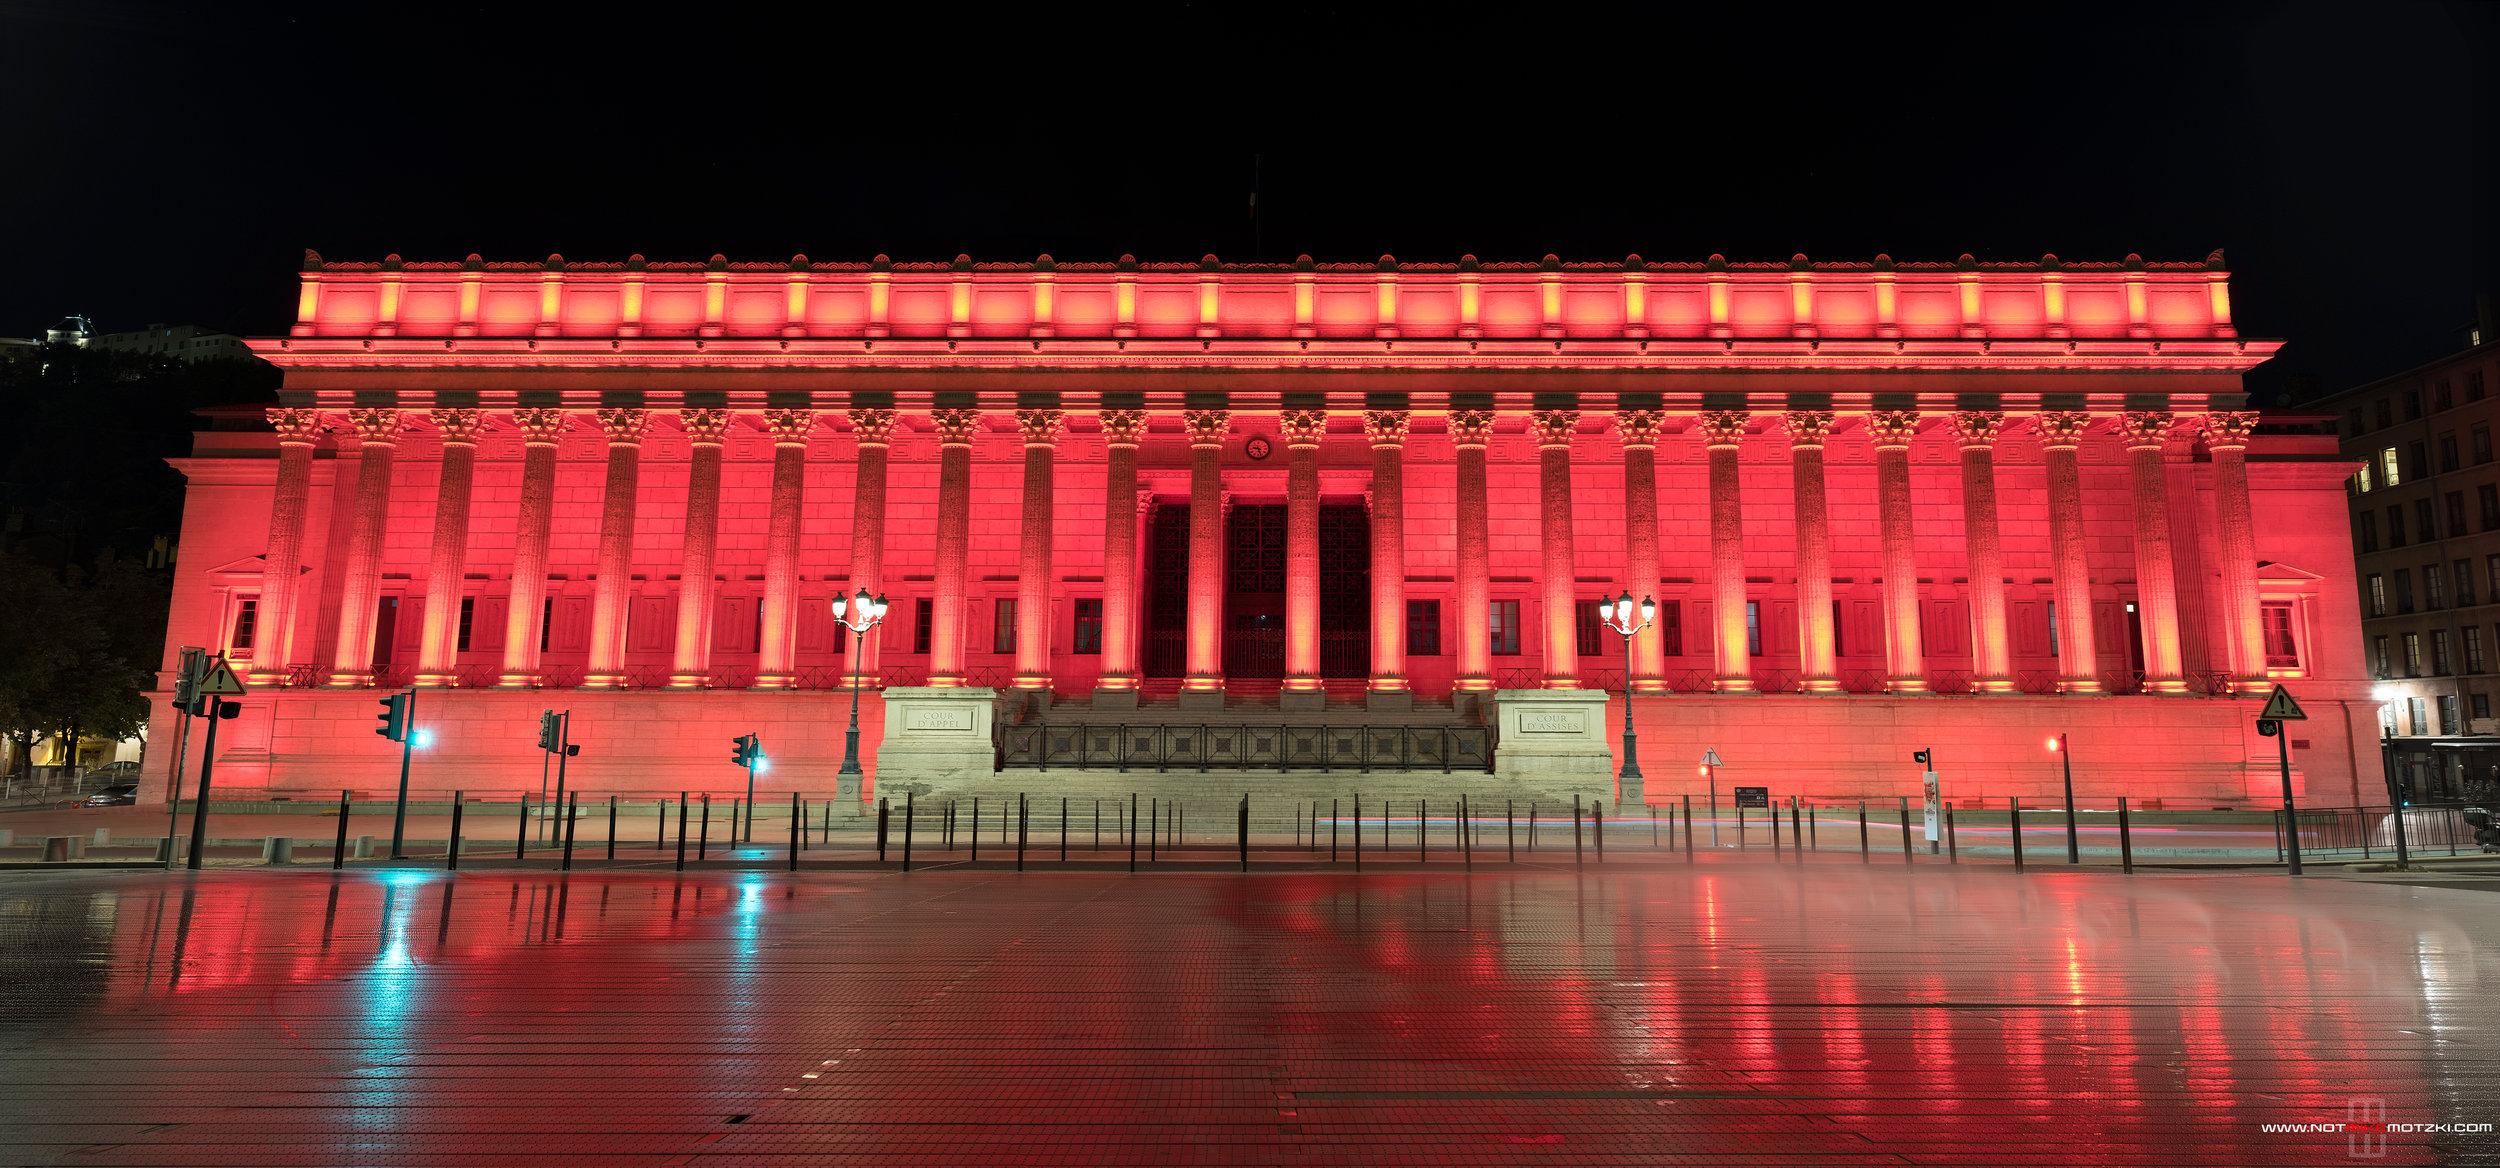 Palais-de-justice-historique-de-Lyon-2.jpg